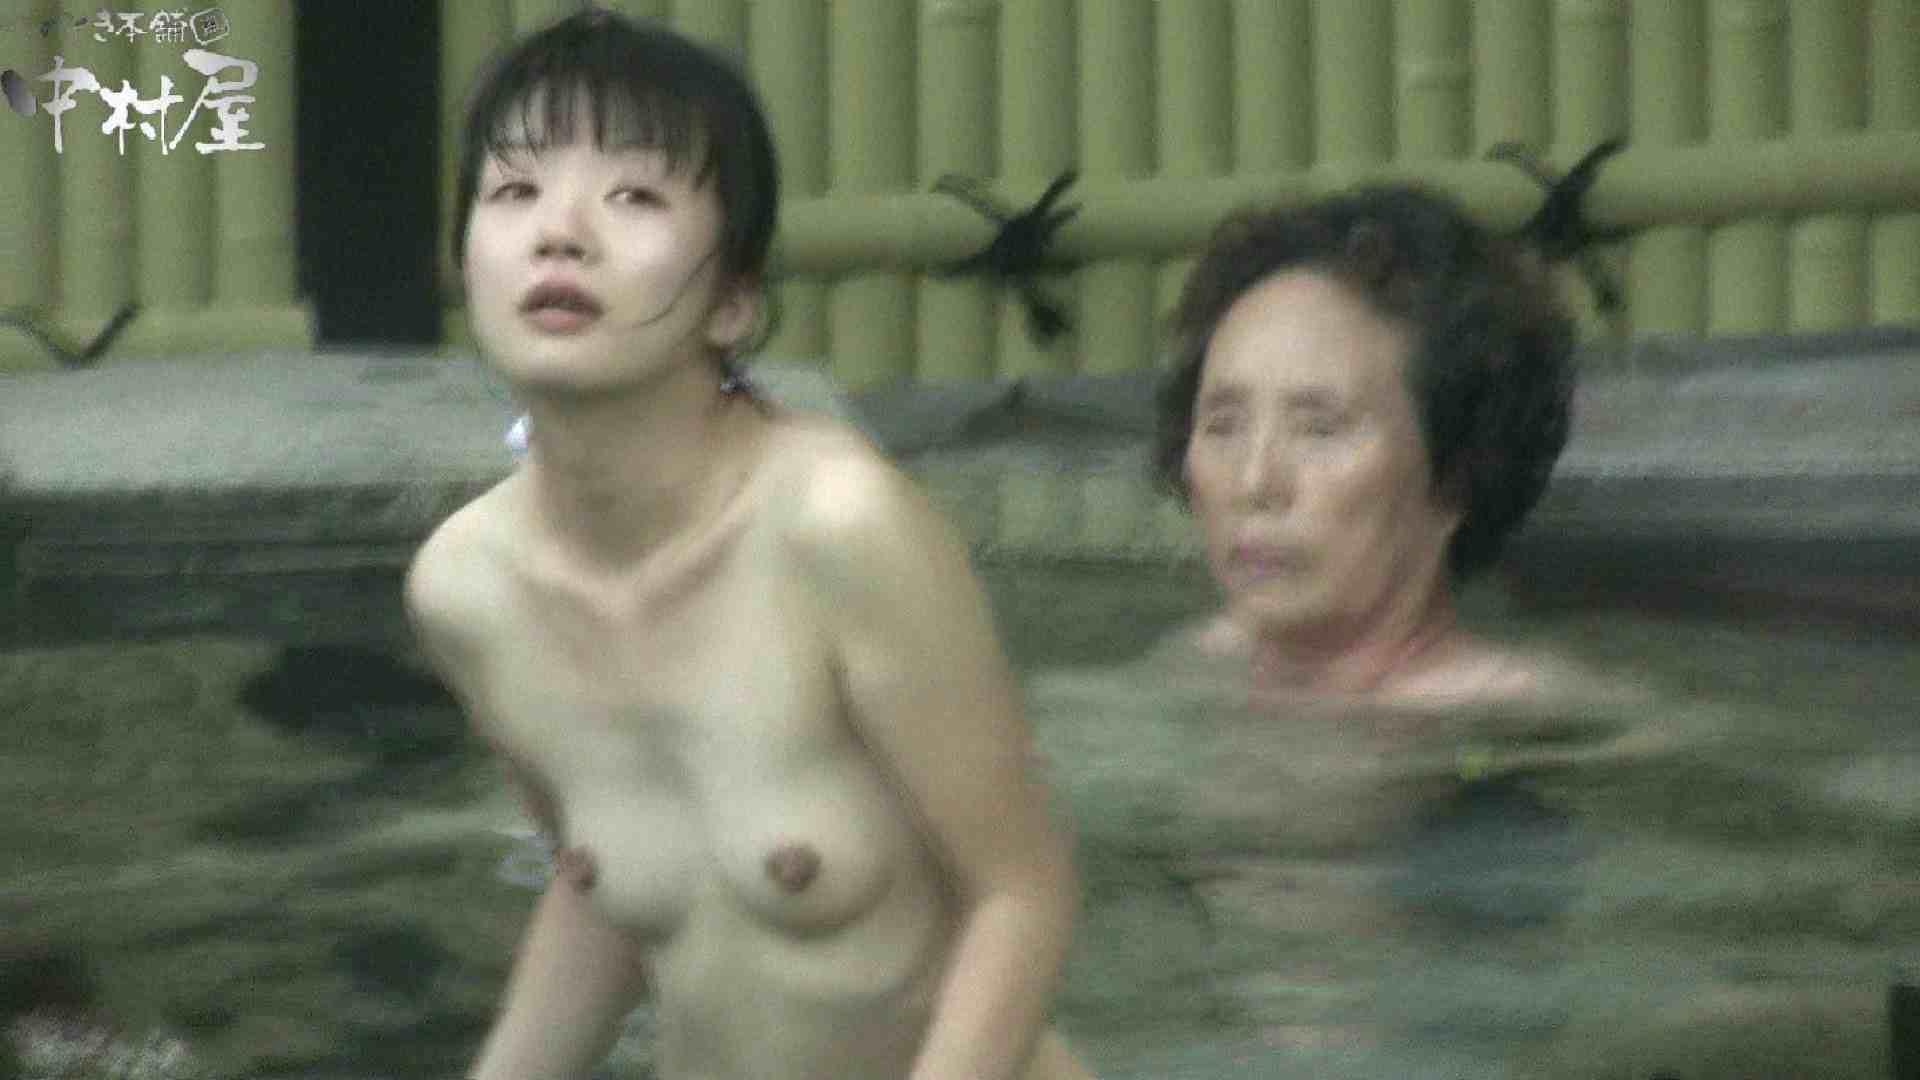 Aquaな露天風呂Vol.904 露天風呂  11枚 2